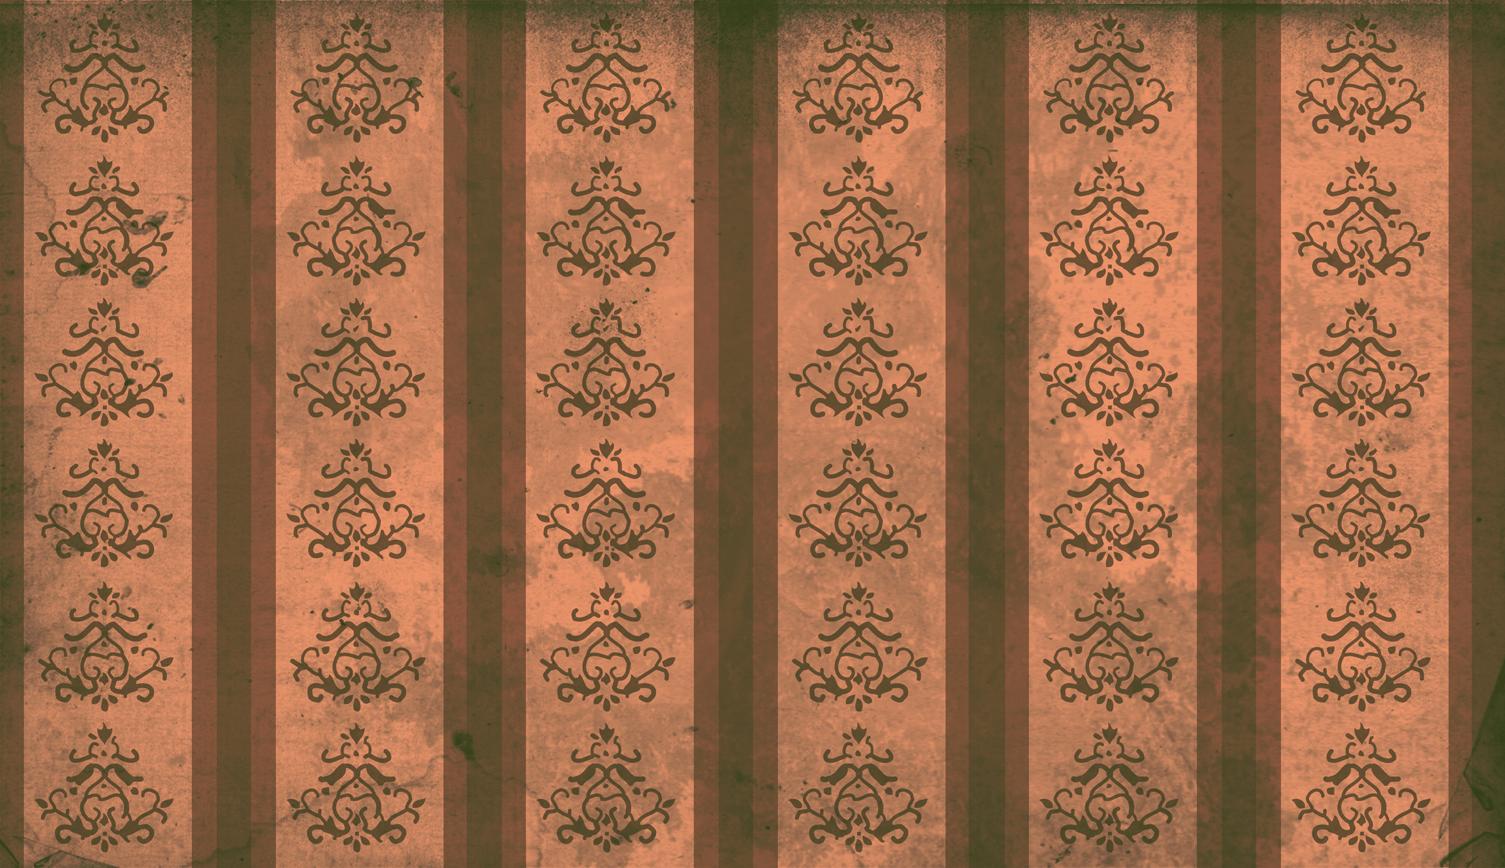 Wunderkammer wallpaper patterns for Paper wallpaper for walls